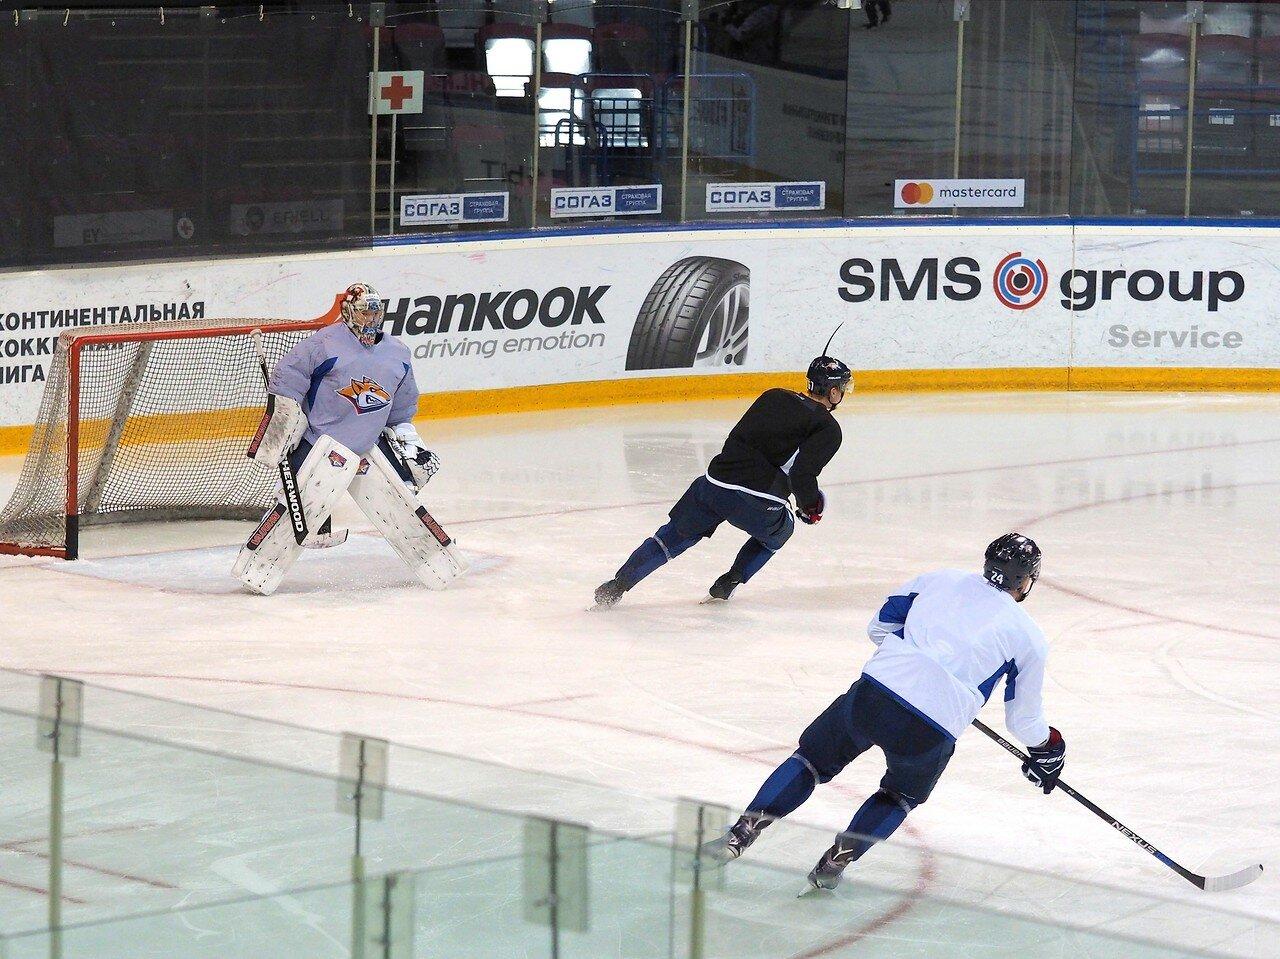 21 Открытая тренировка перед финалом плей-офф восточной конференции КХЛ 2017 22.03.2017